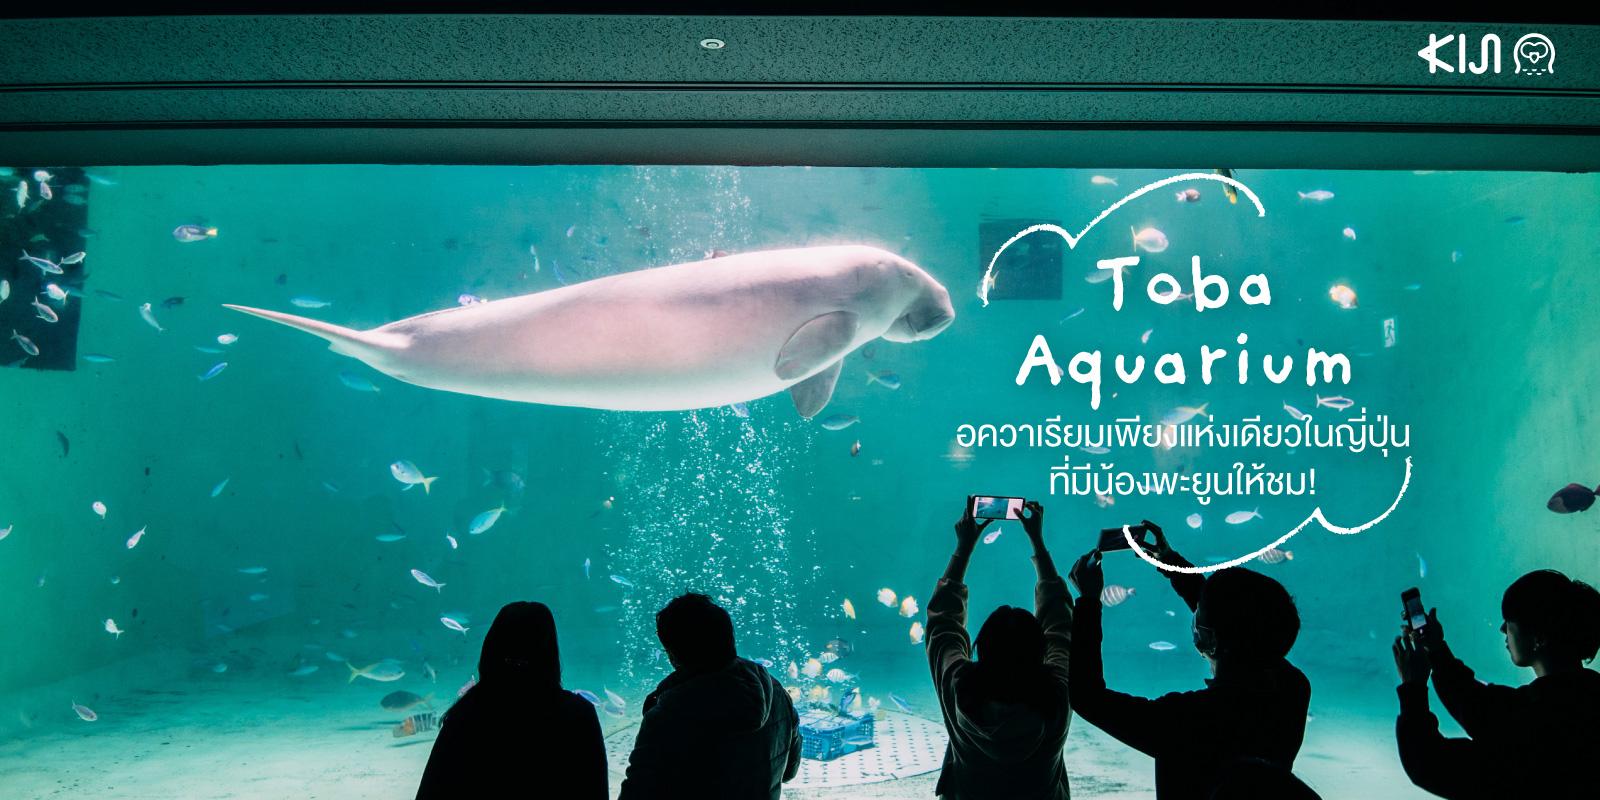 Toba Aquarium อควาเรียมเพียงแห่งเดียวในญี่ปุ่น ที่มีพะยูนให้ชม